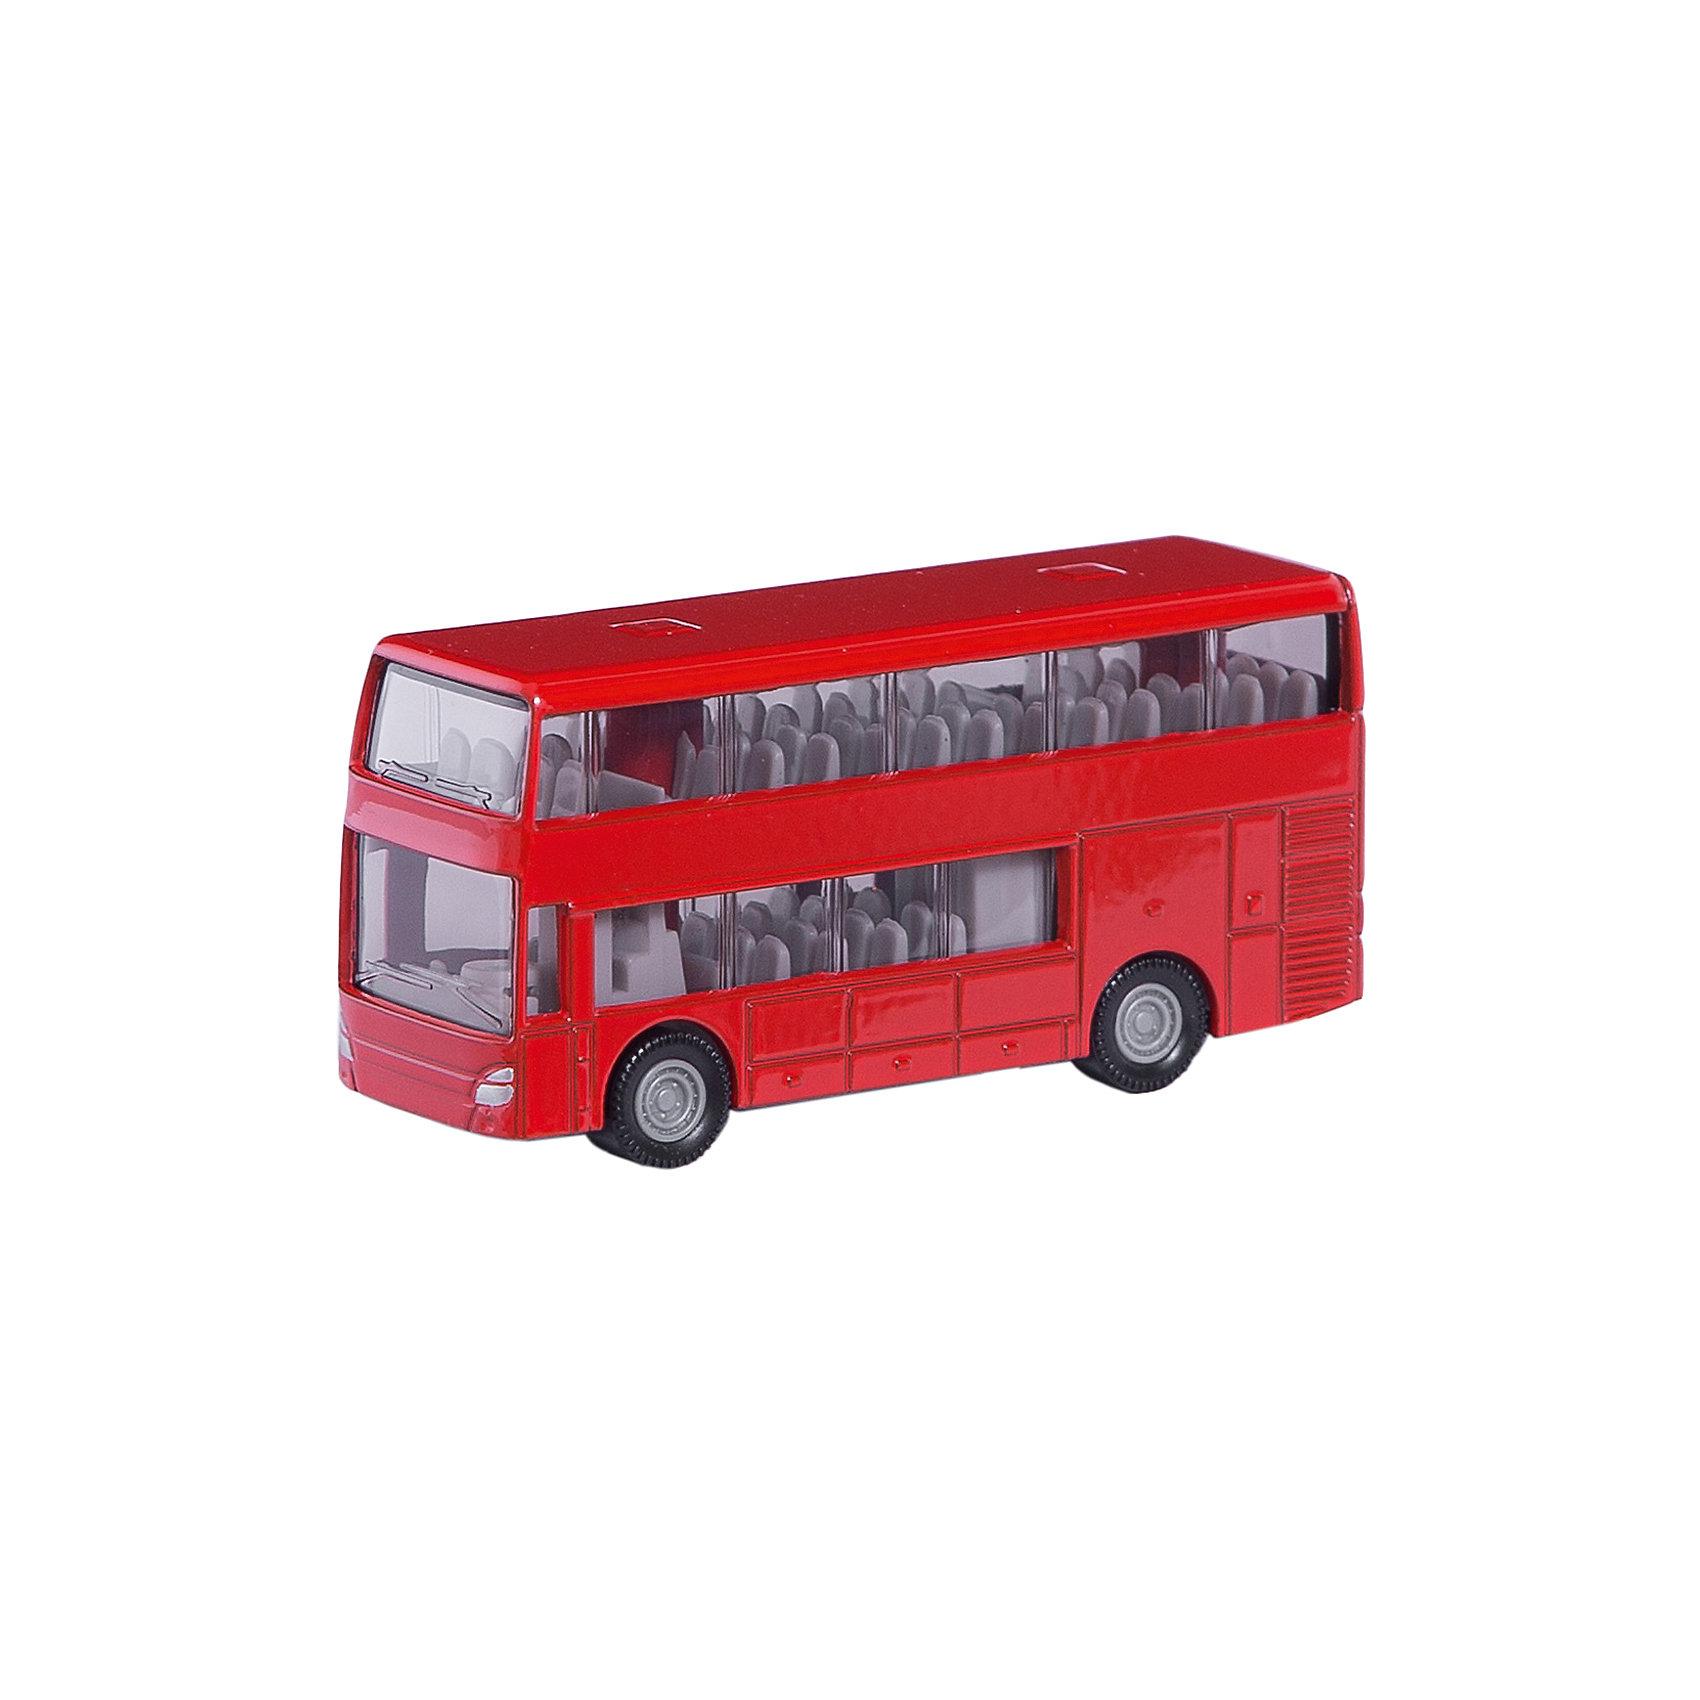 SIKU SIKU 1321 Двухэтажный автобус машинки siku городской автобус